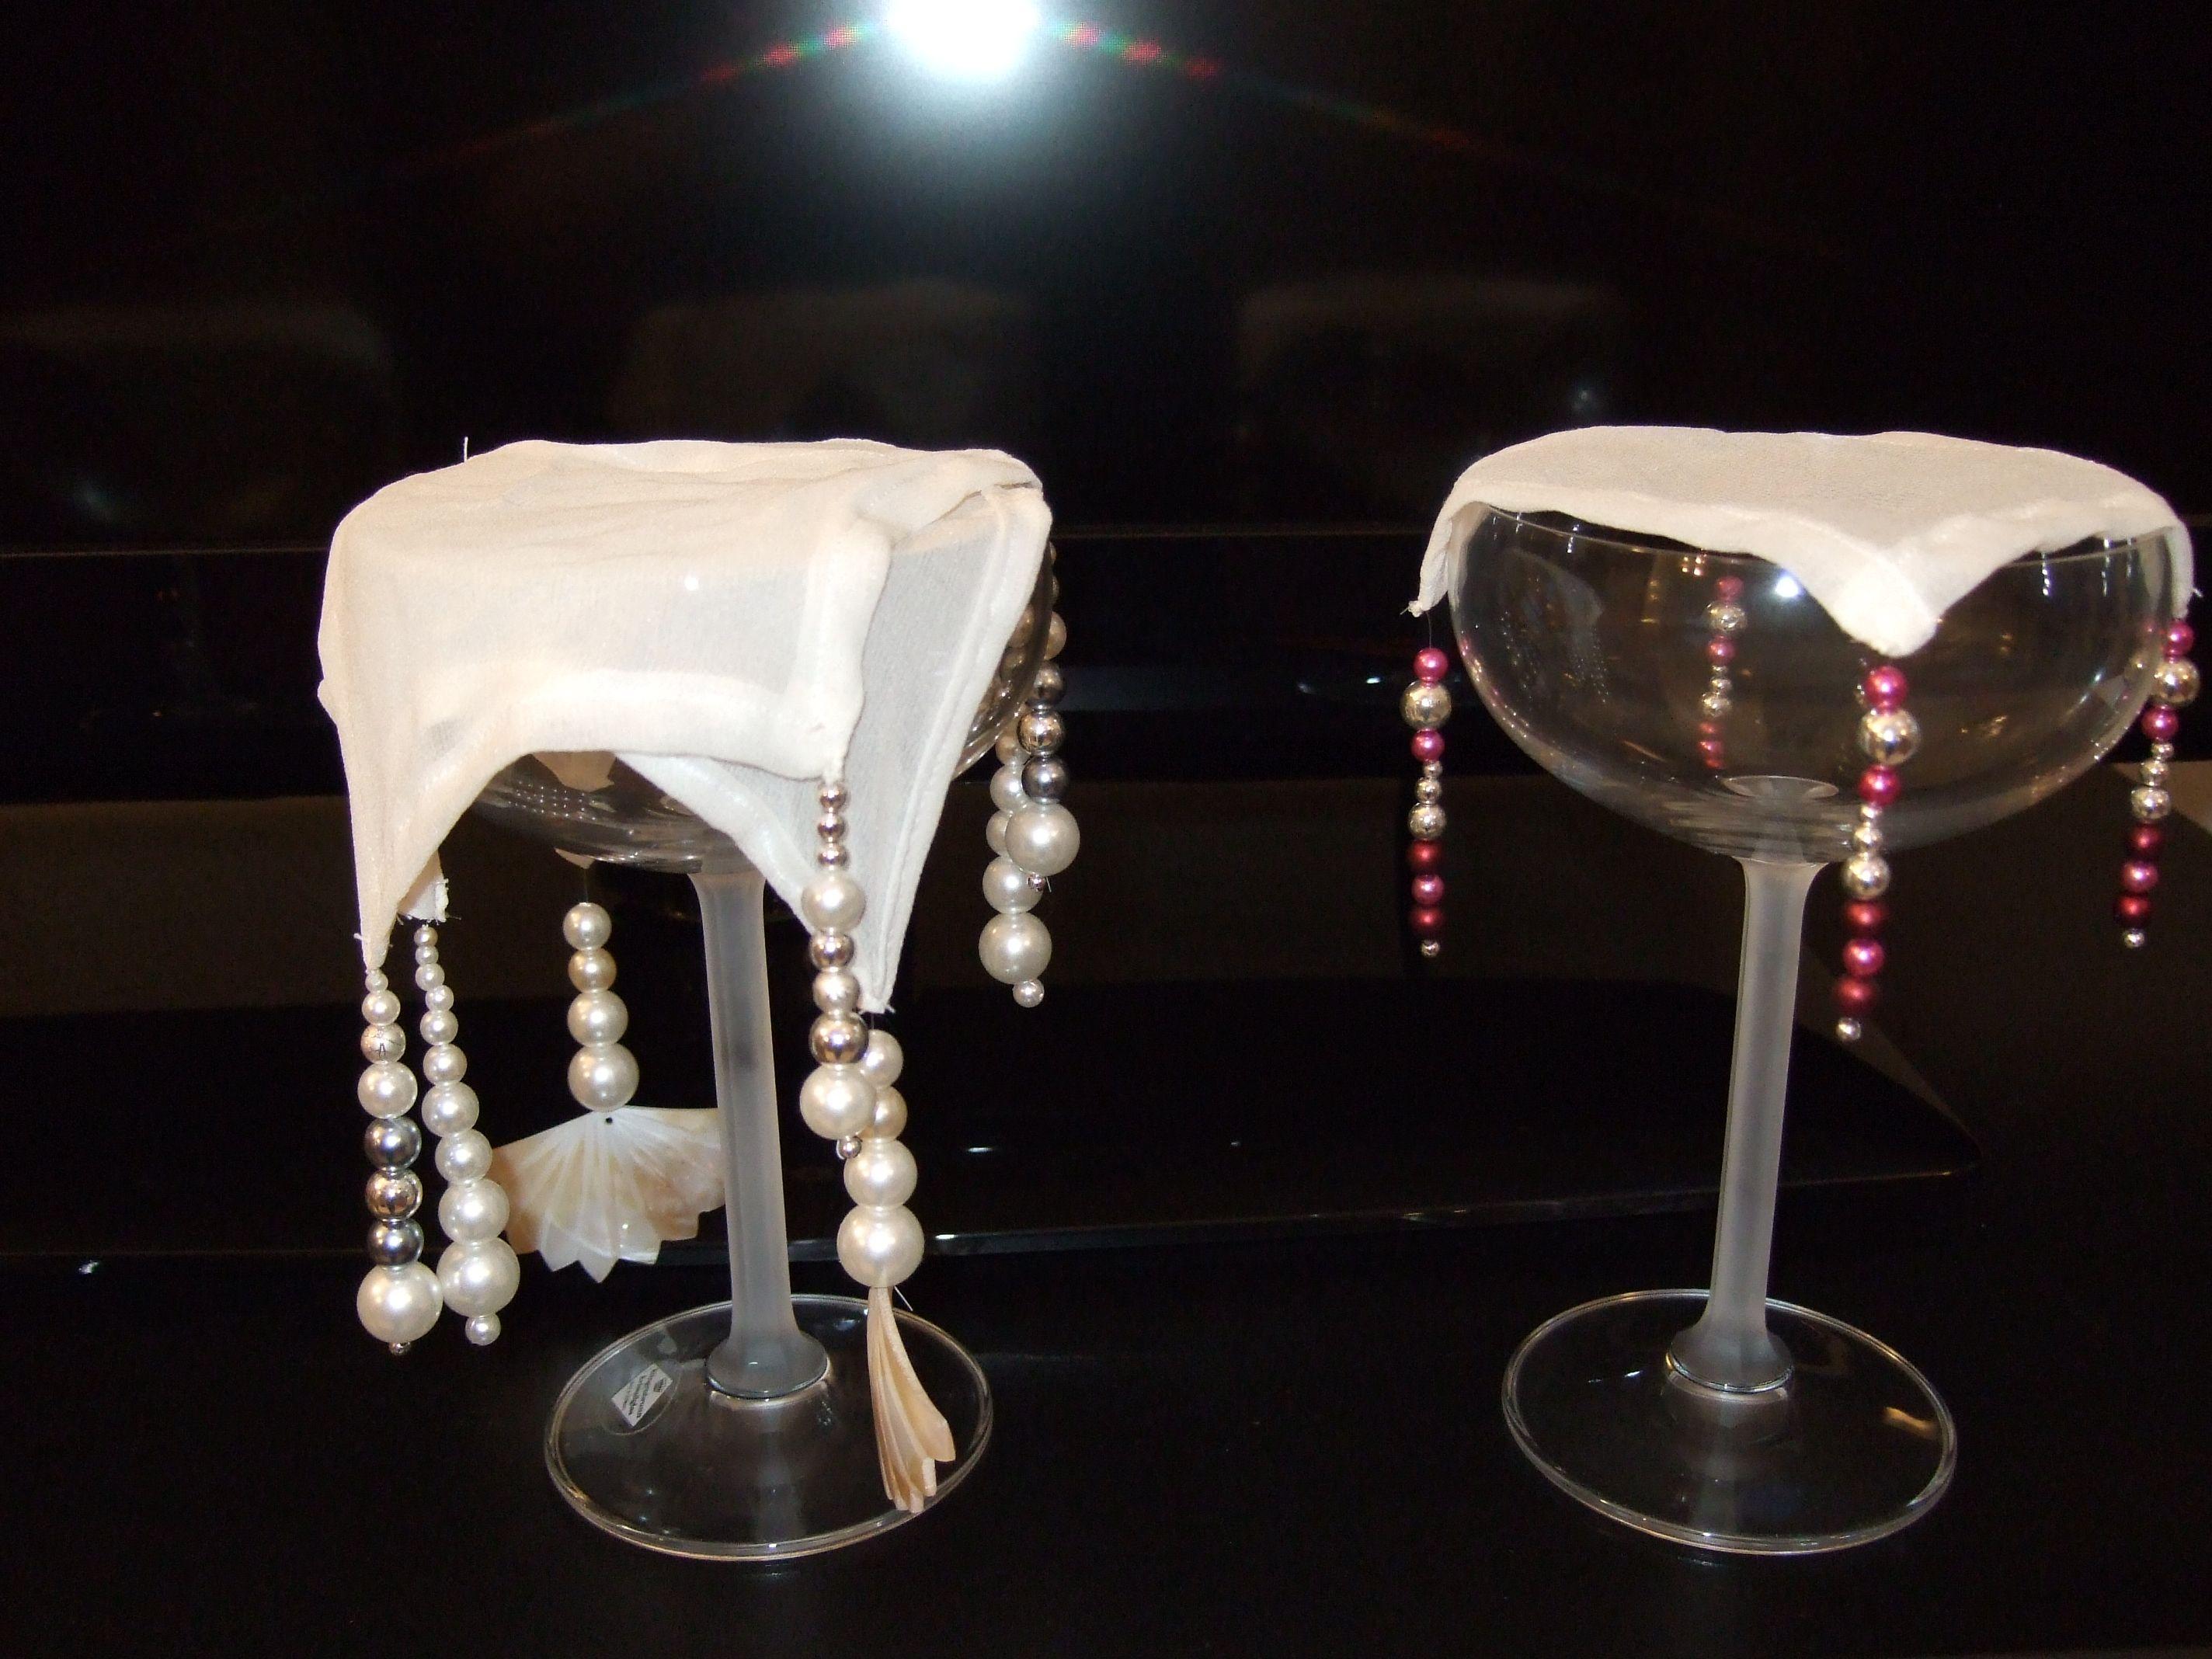 Seiden-Abdeckung für Gläser mit Perlen verziert